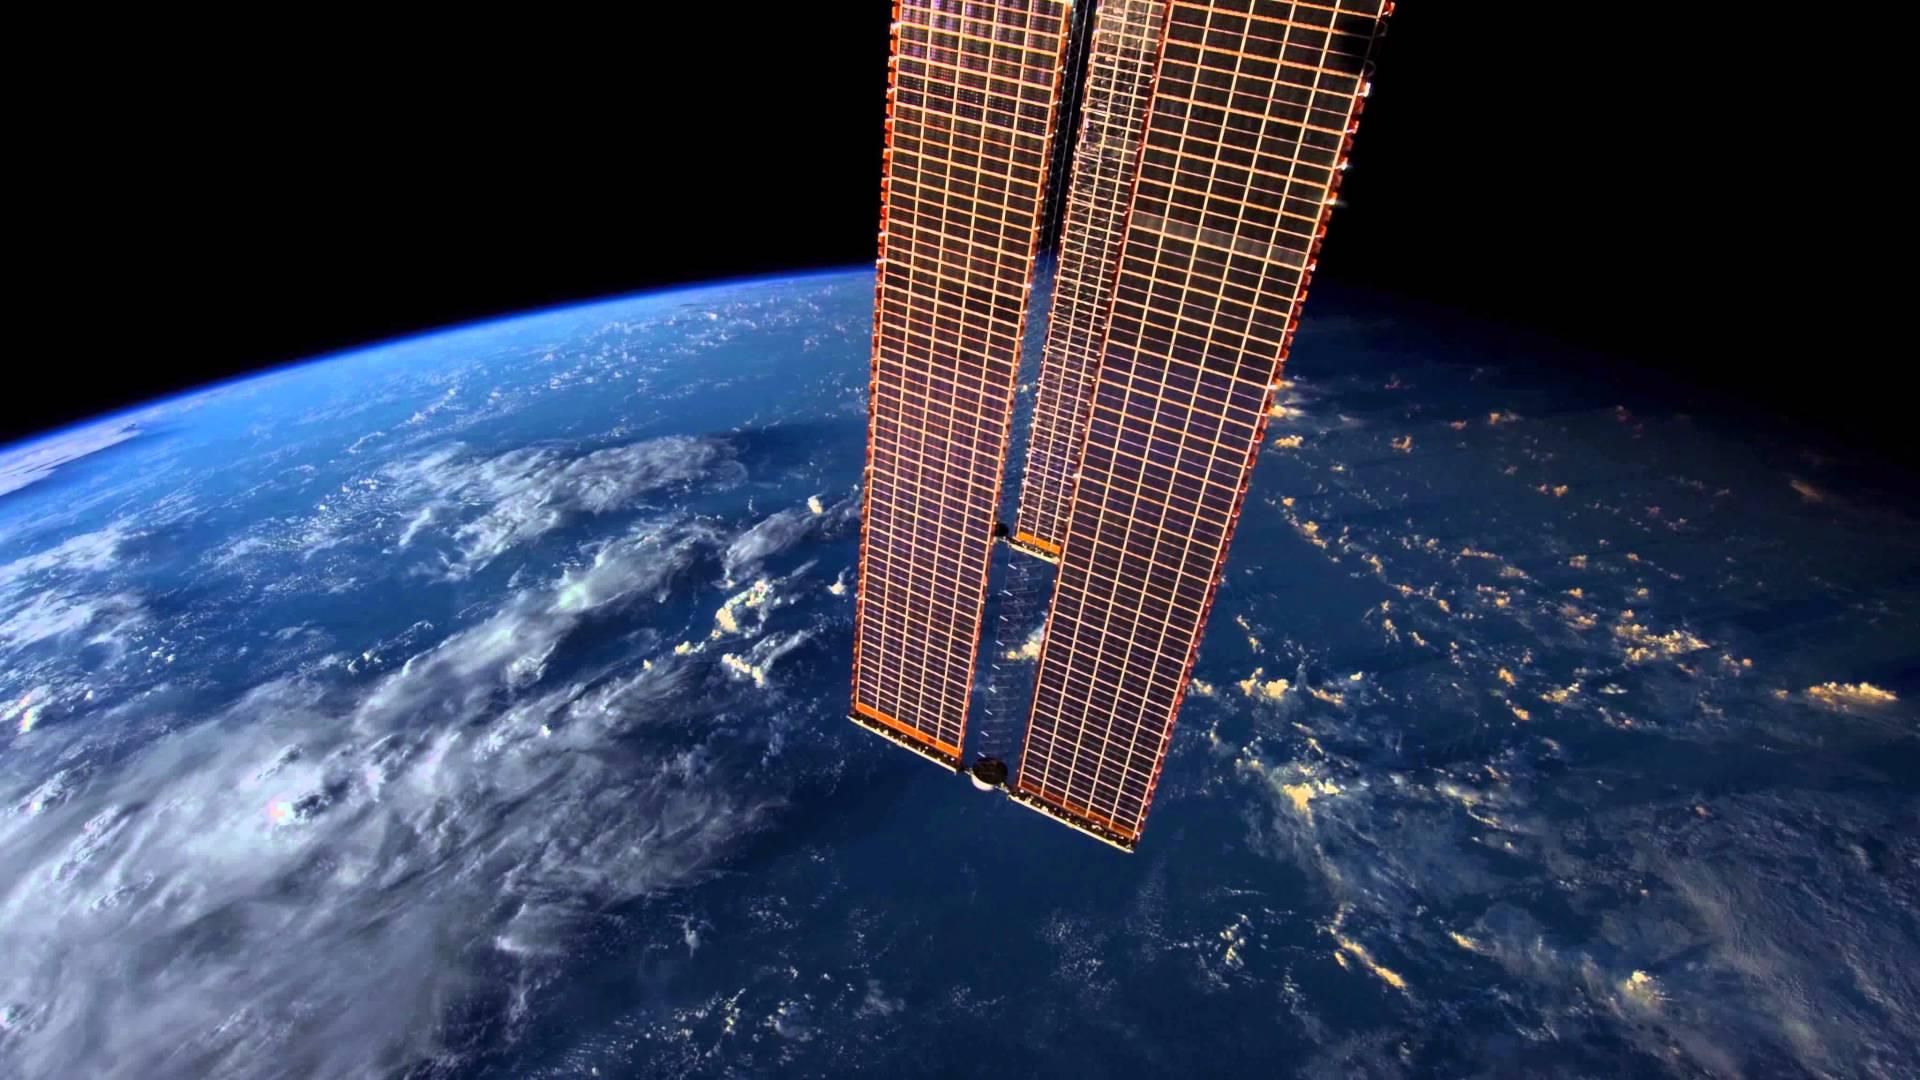 Un nouveau magnifique timelapse depuis d'ISS